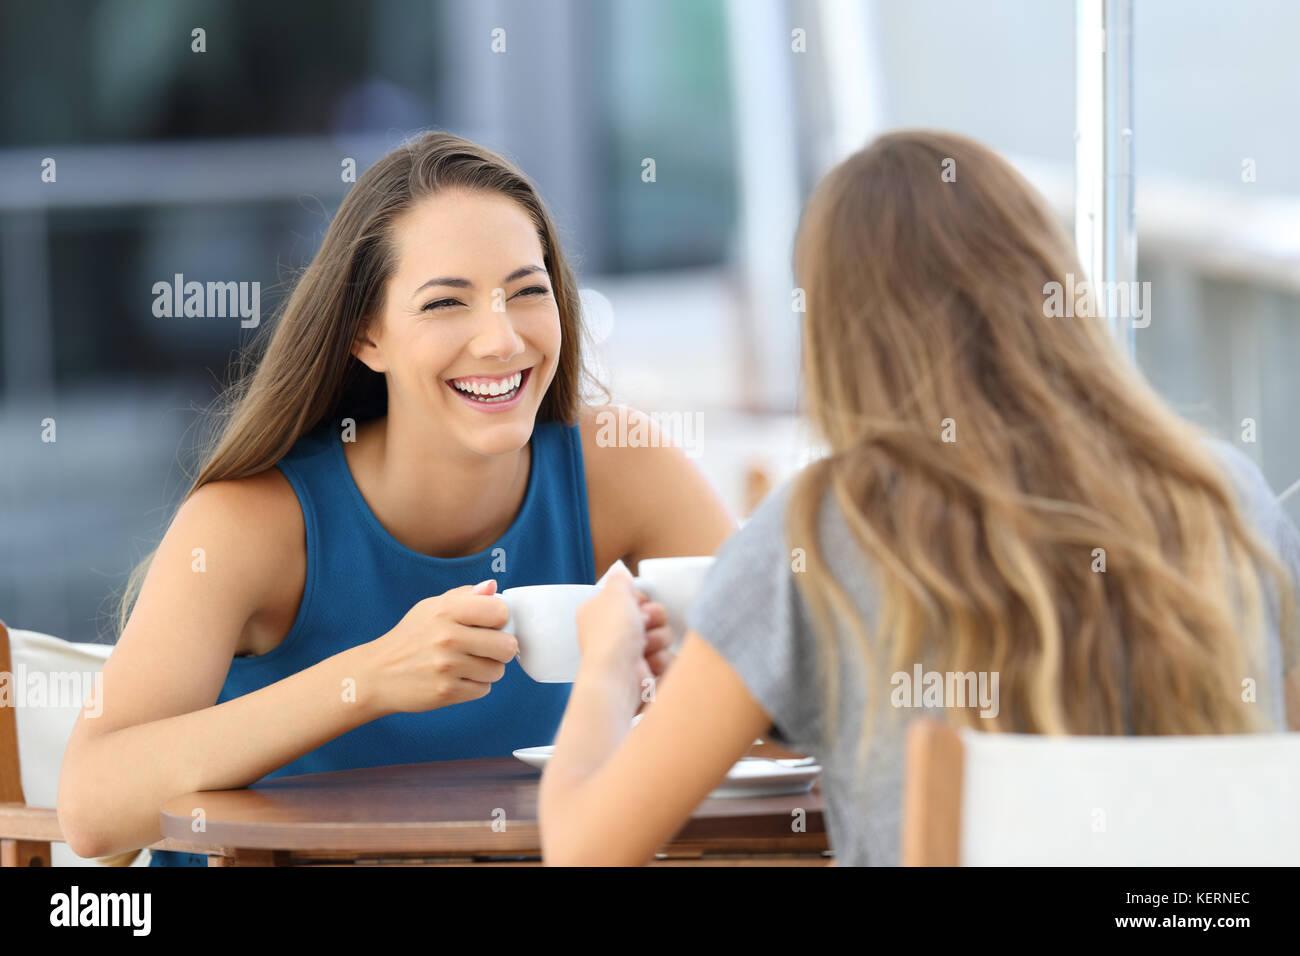 Due amici felice di parlare e ridere seduti in un ristorante con terrazzo Immagini Stock